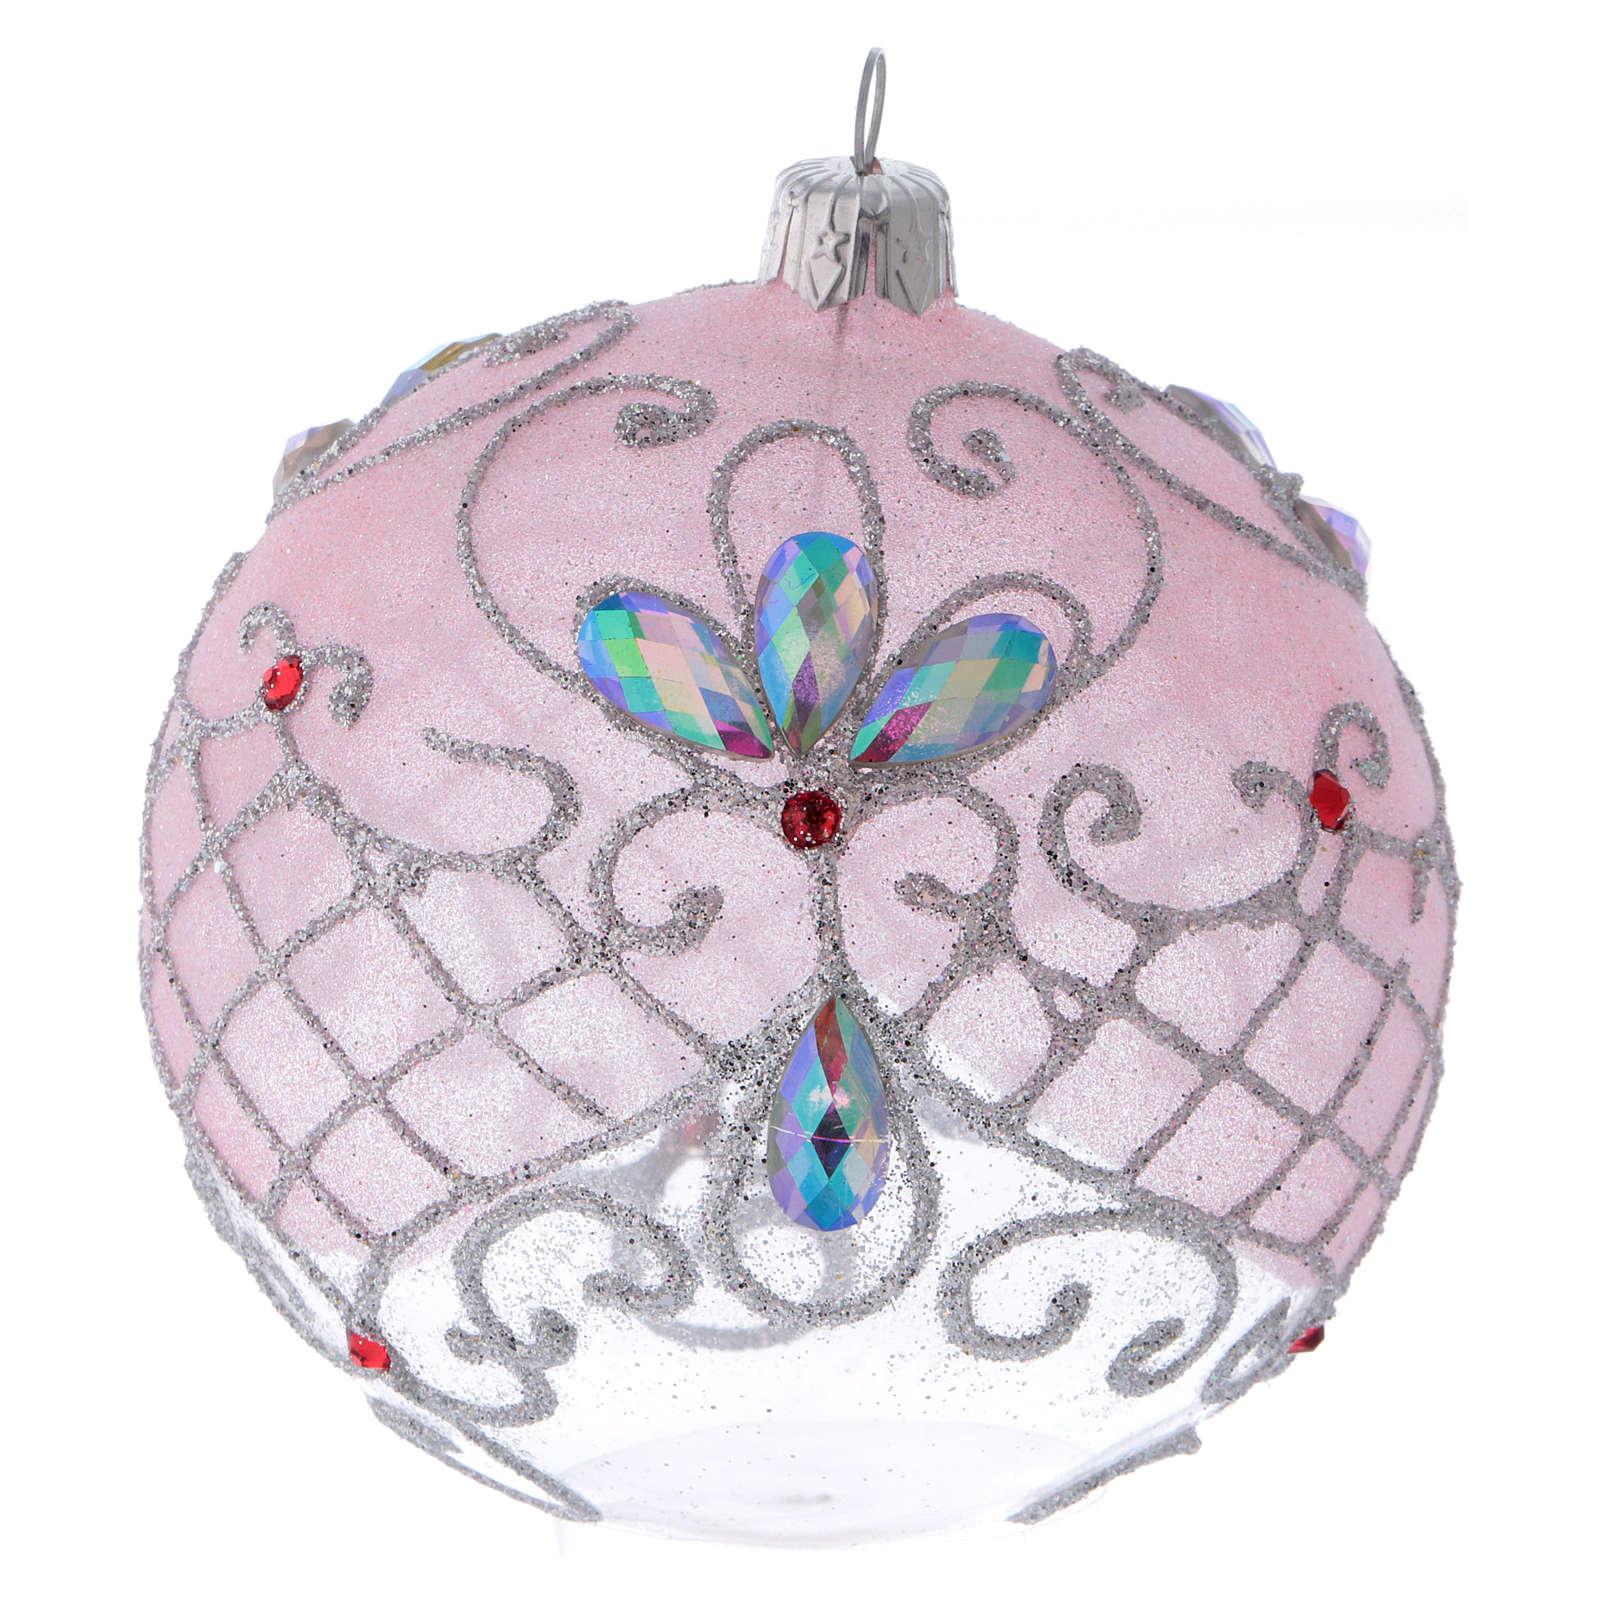 Pallina vetro trasparente decorazione rosa e argento glitterato 100 mm 4